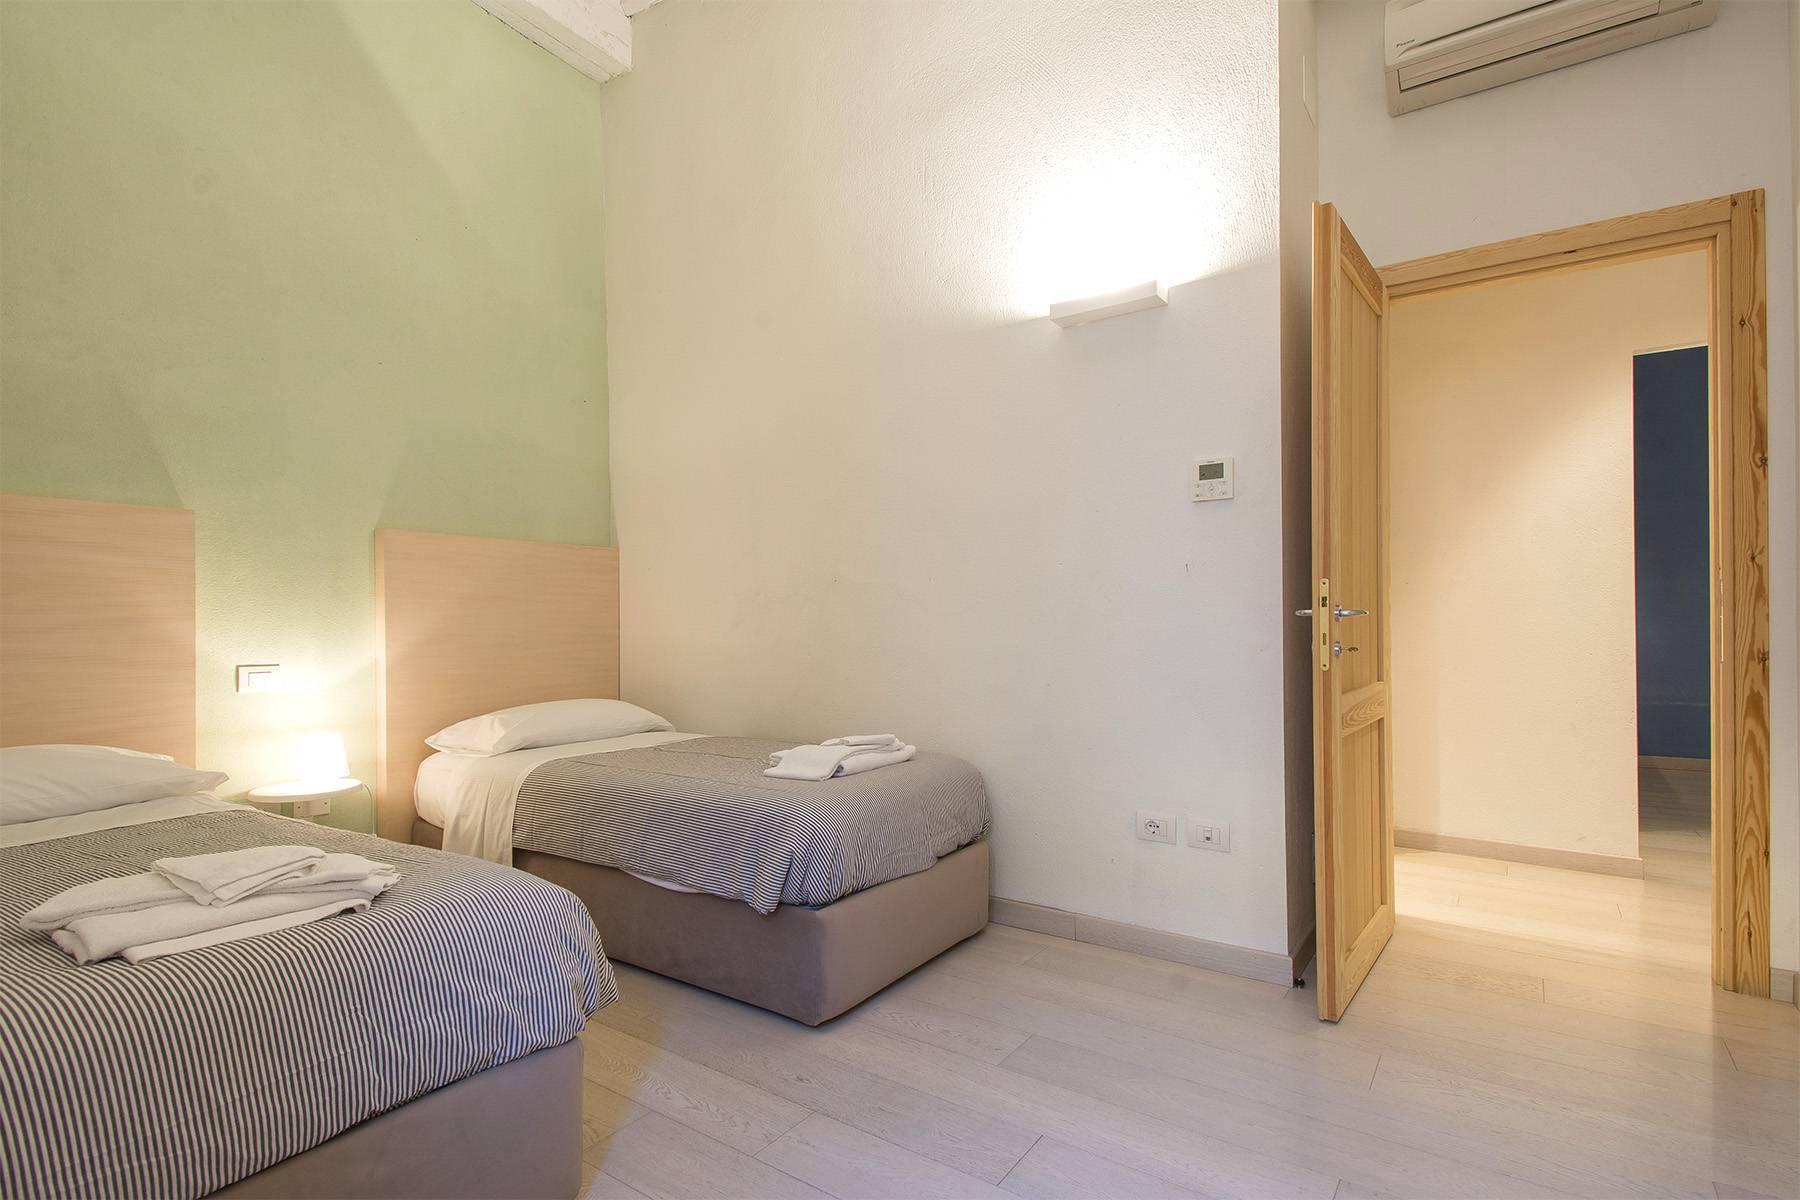 Appartamento in Vendita a Lucca: 3 locali, 105 mq - Foto 23